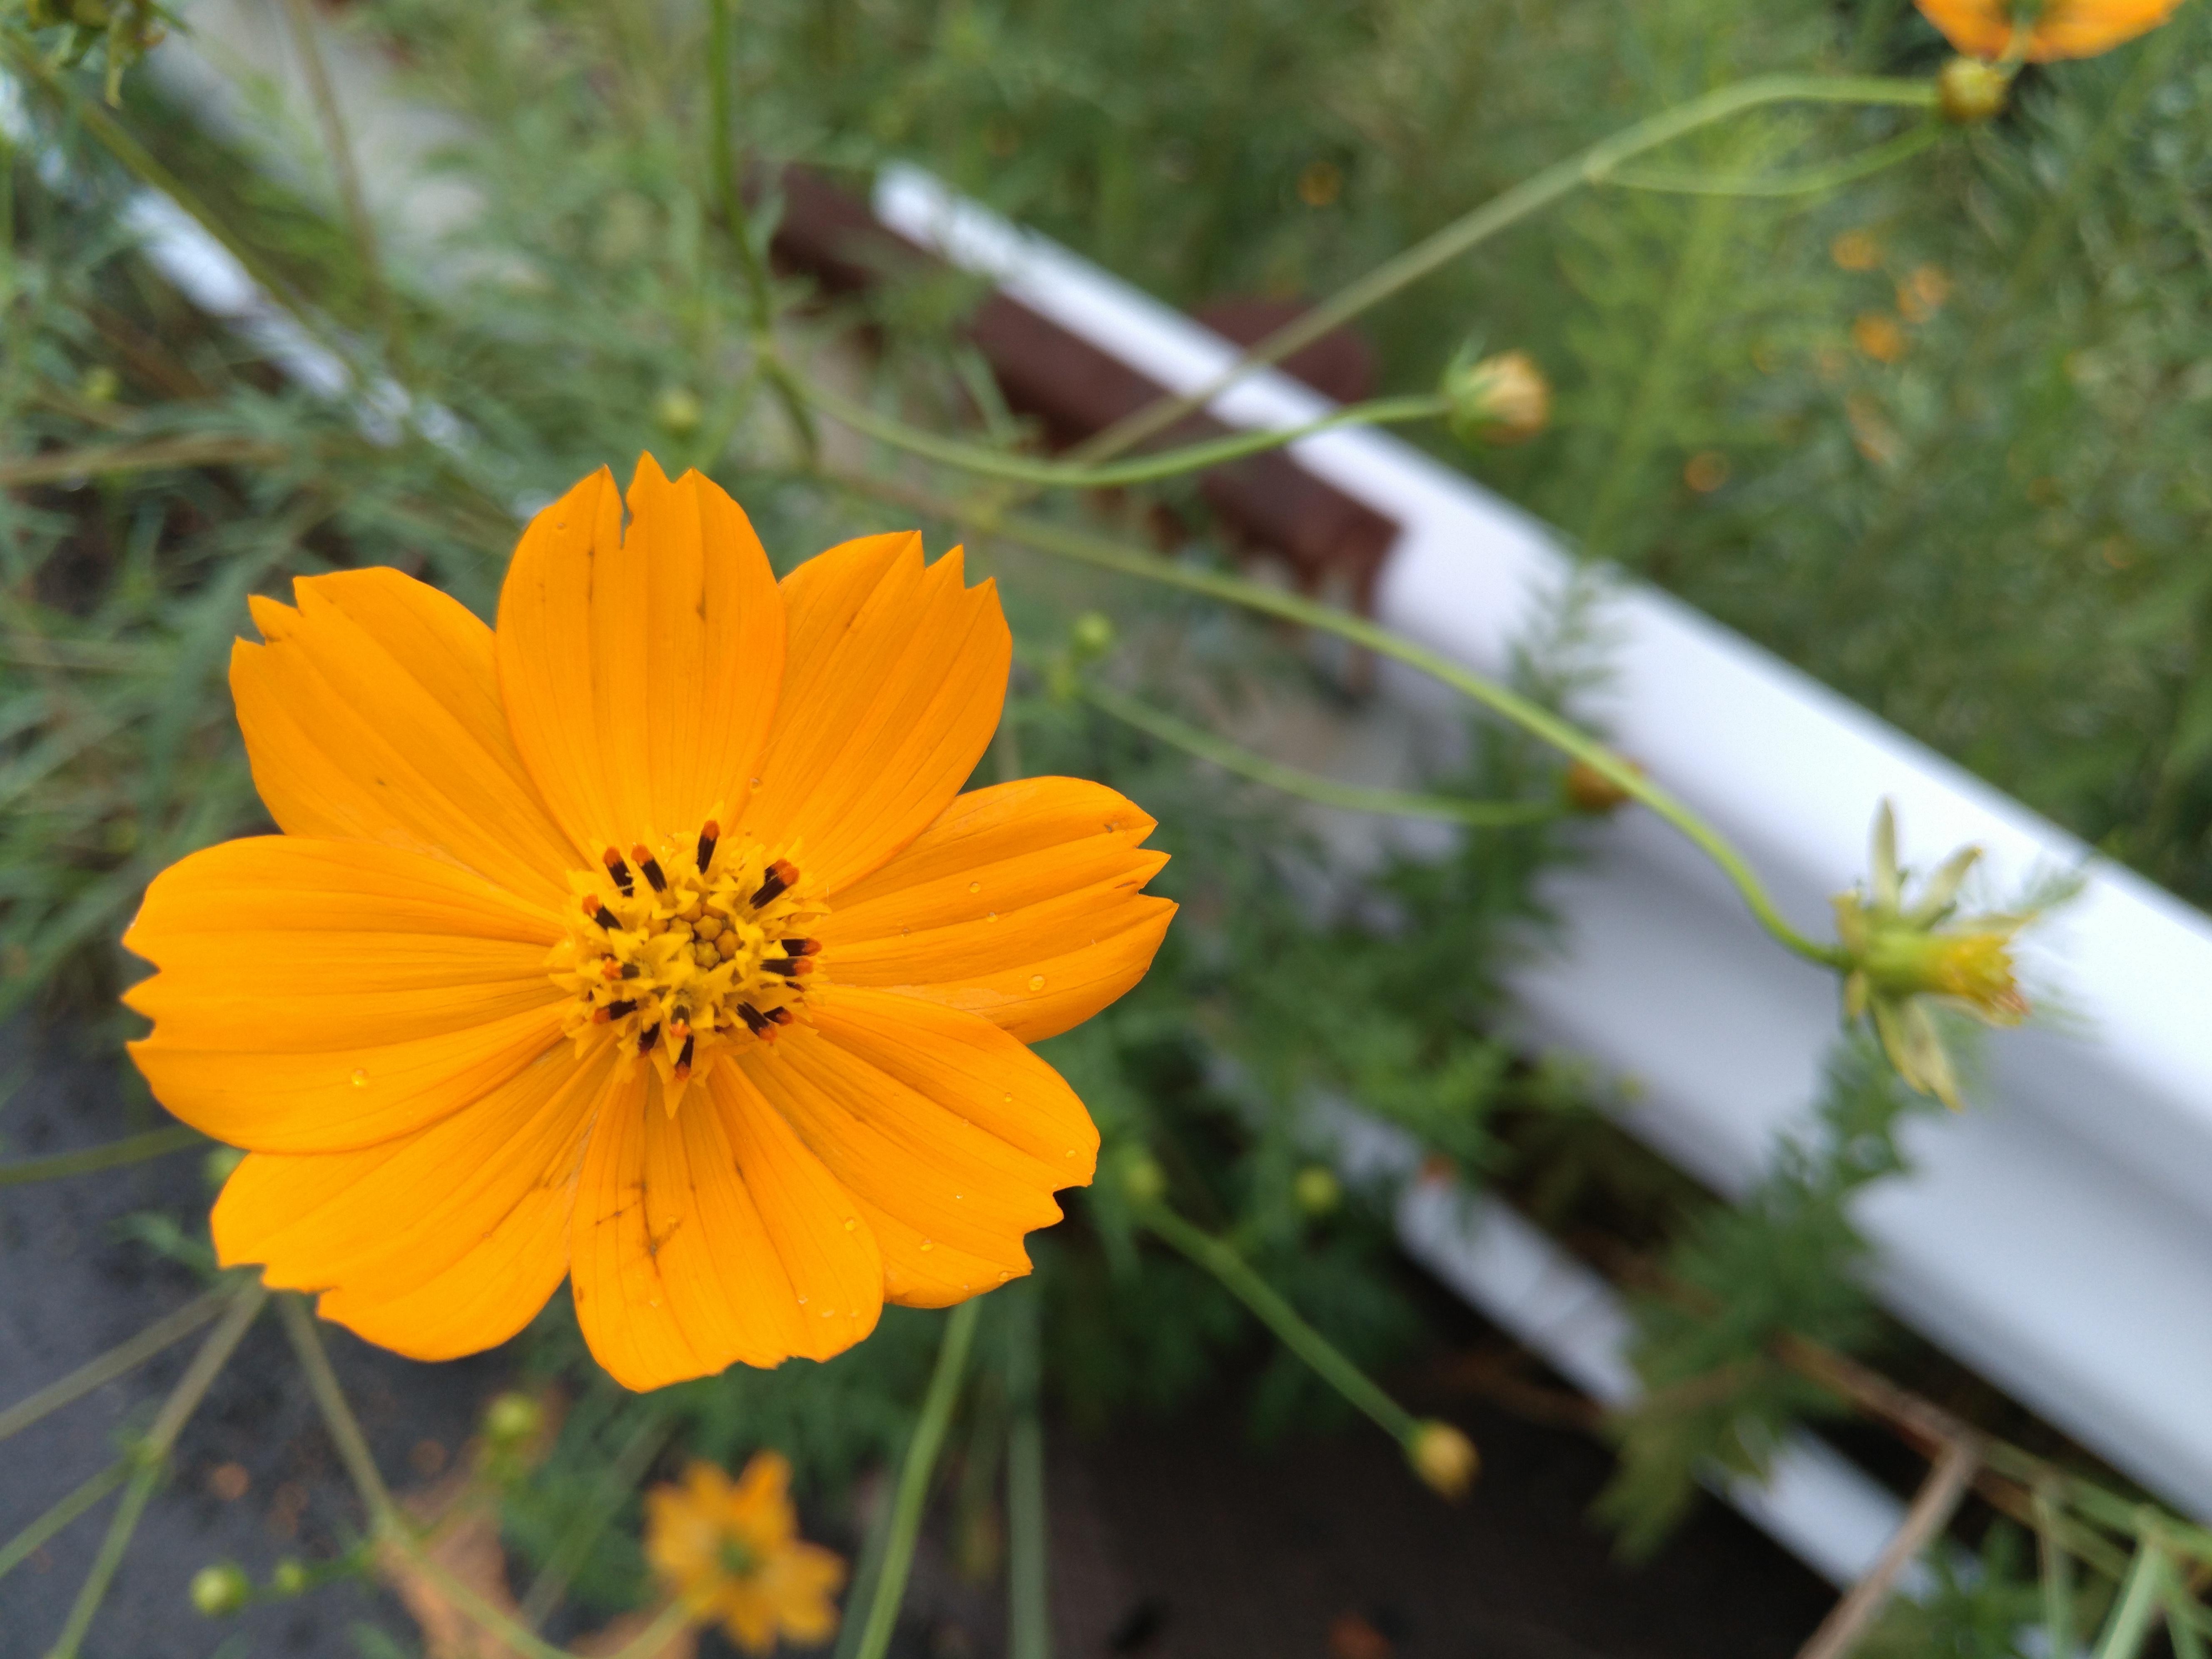 LeTV Leeco Le Max 2では風邪に揺れる花も的確にピントが合う